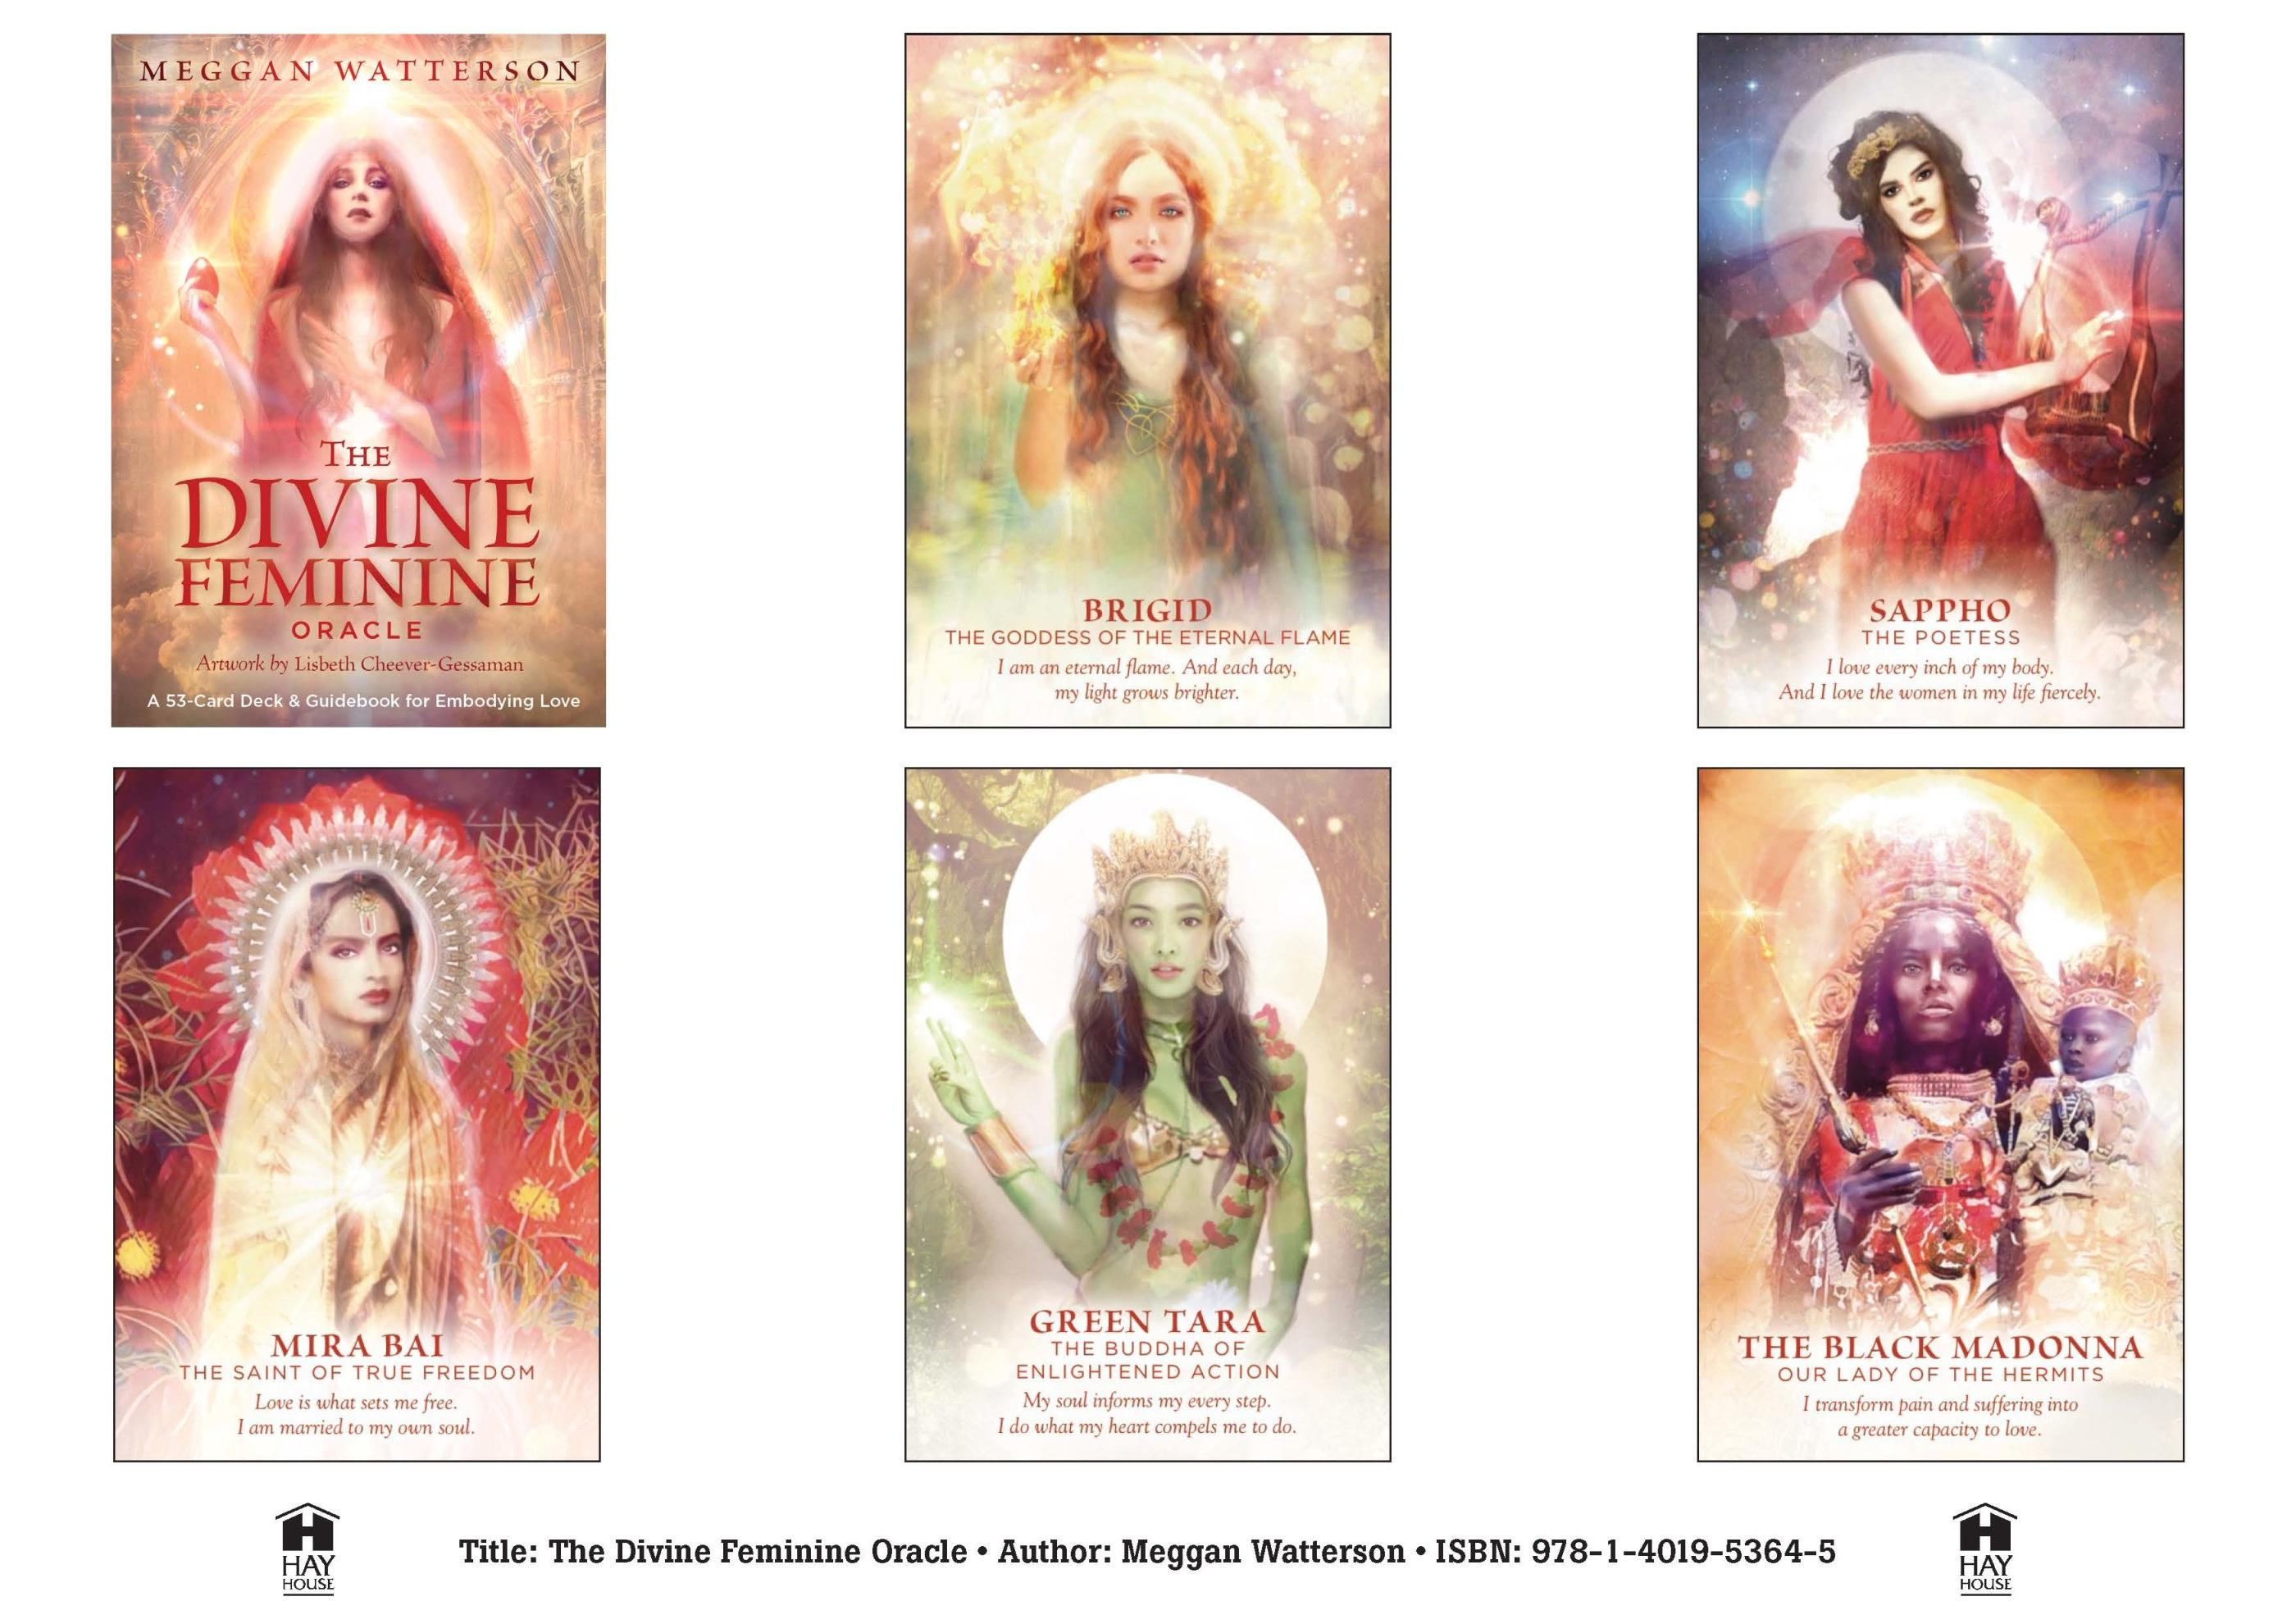 Divine Feminine Oracle 9781401953645-2